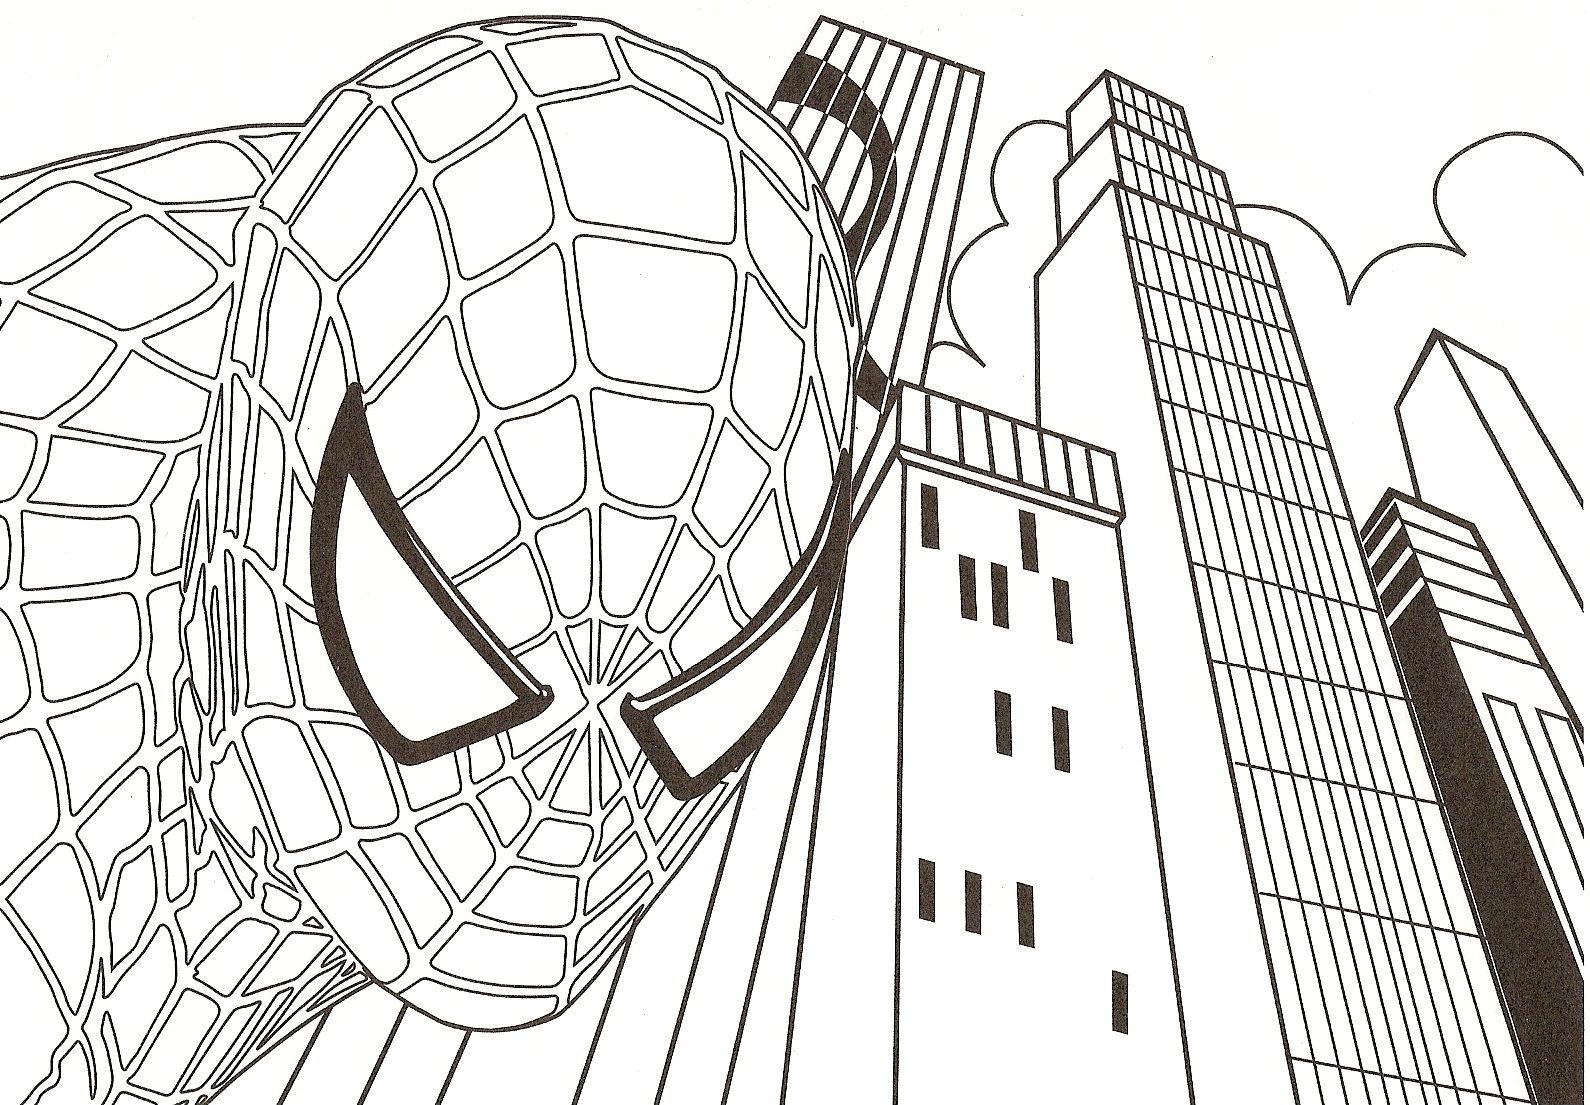 167 dibujos de Spiderman para colorear | Oh Kids | Page 7